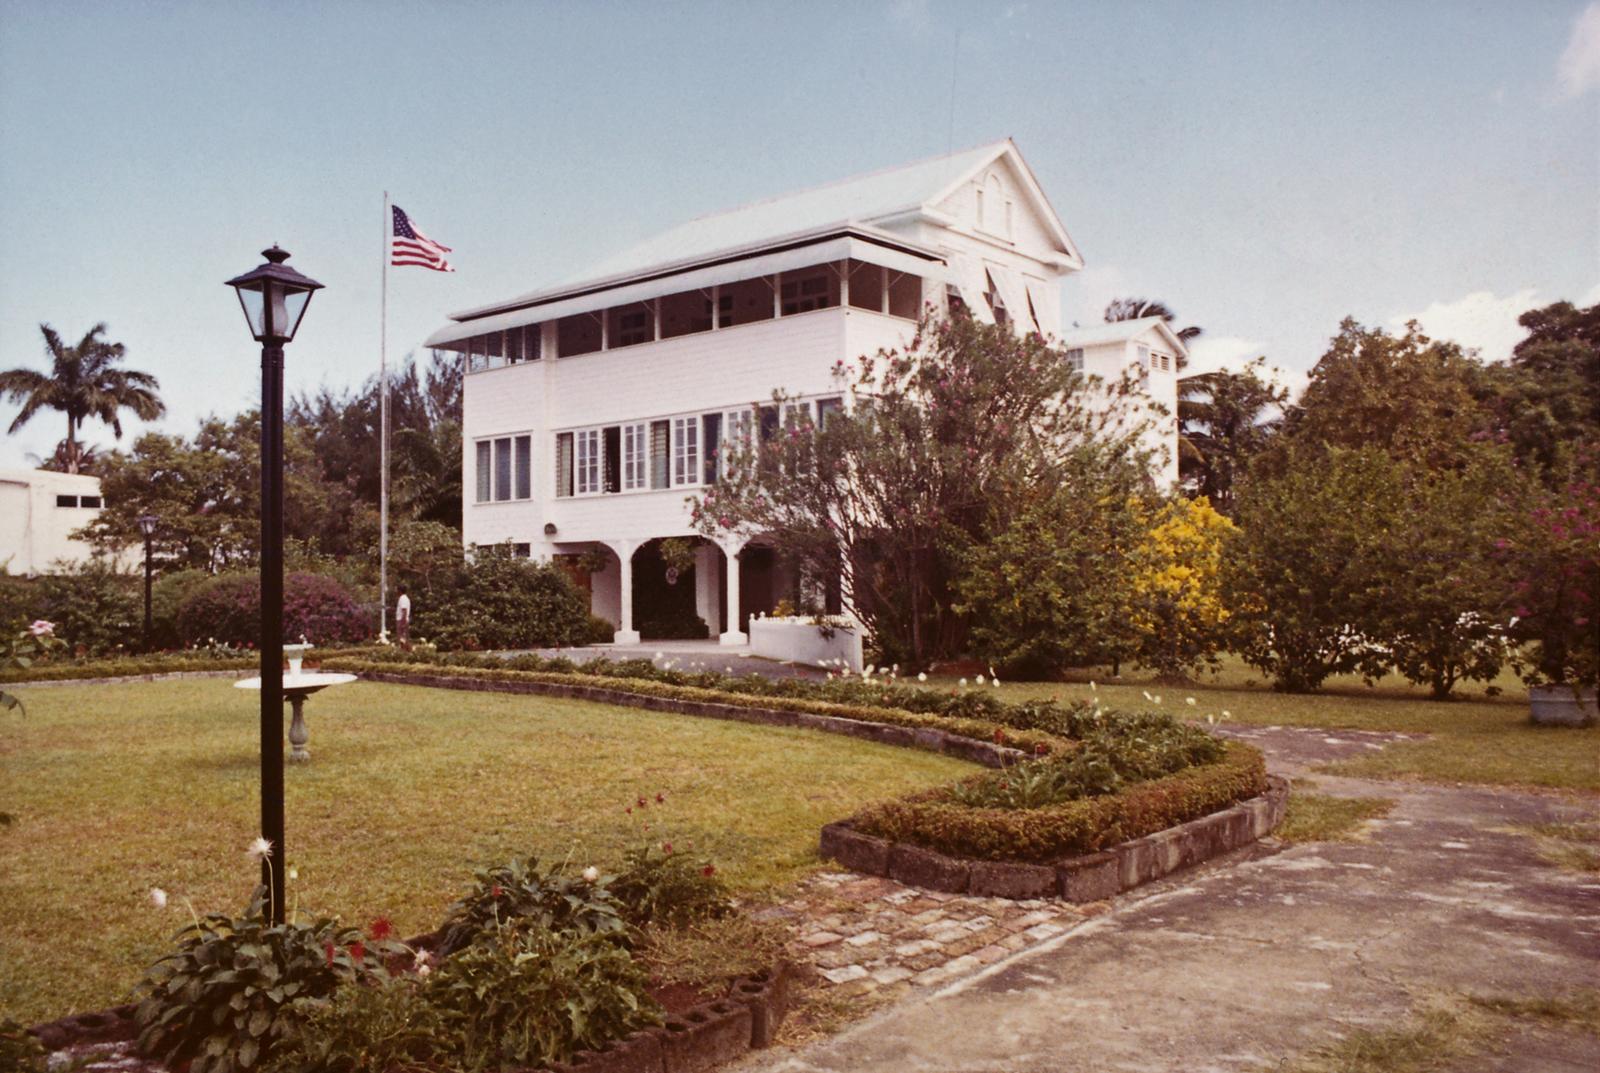 Georgetown - Annex Office Building - 1972